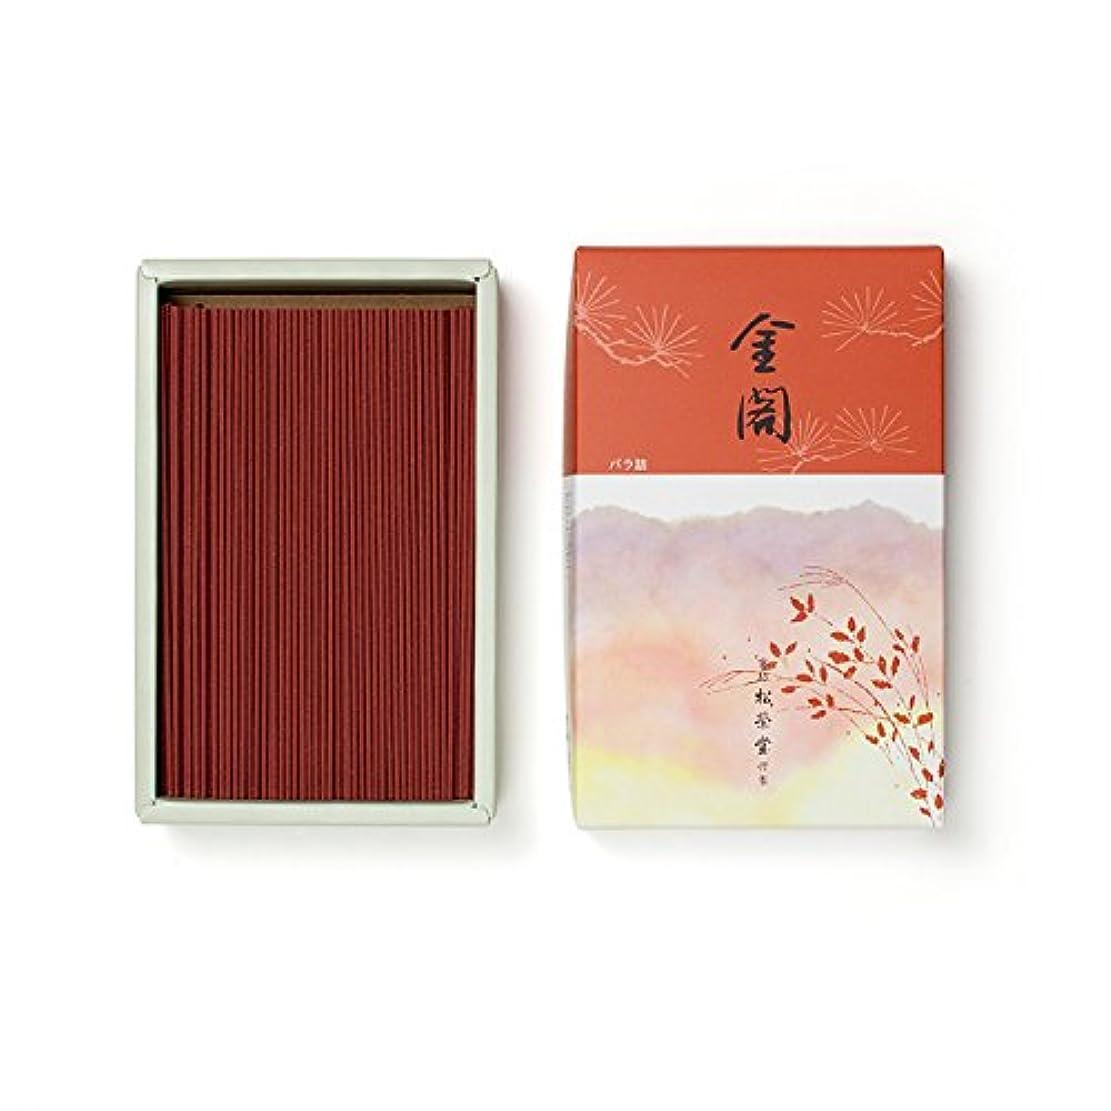 感じ経由で差し引くShoyeido's Golden Pavilion Incense 450 Sticks - Kin-kaku, New.